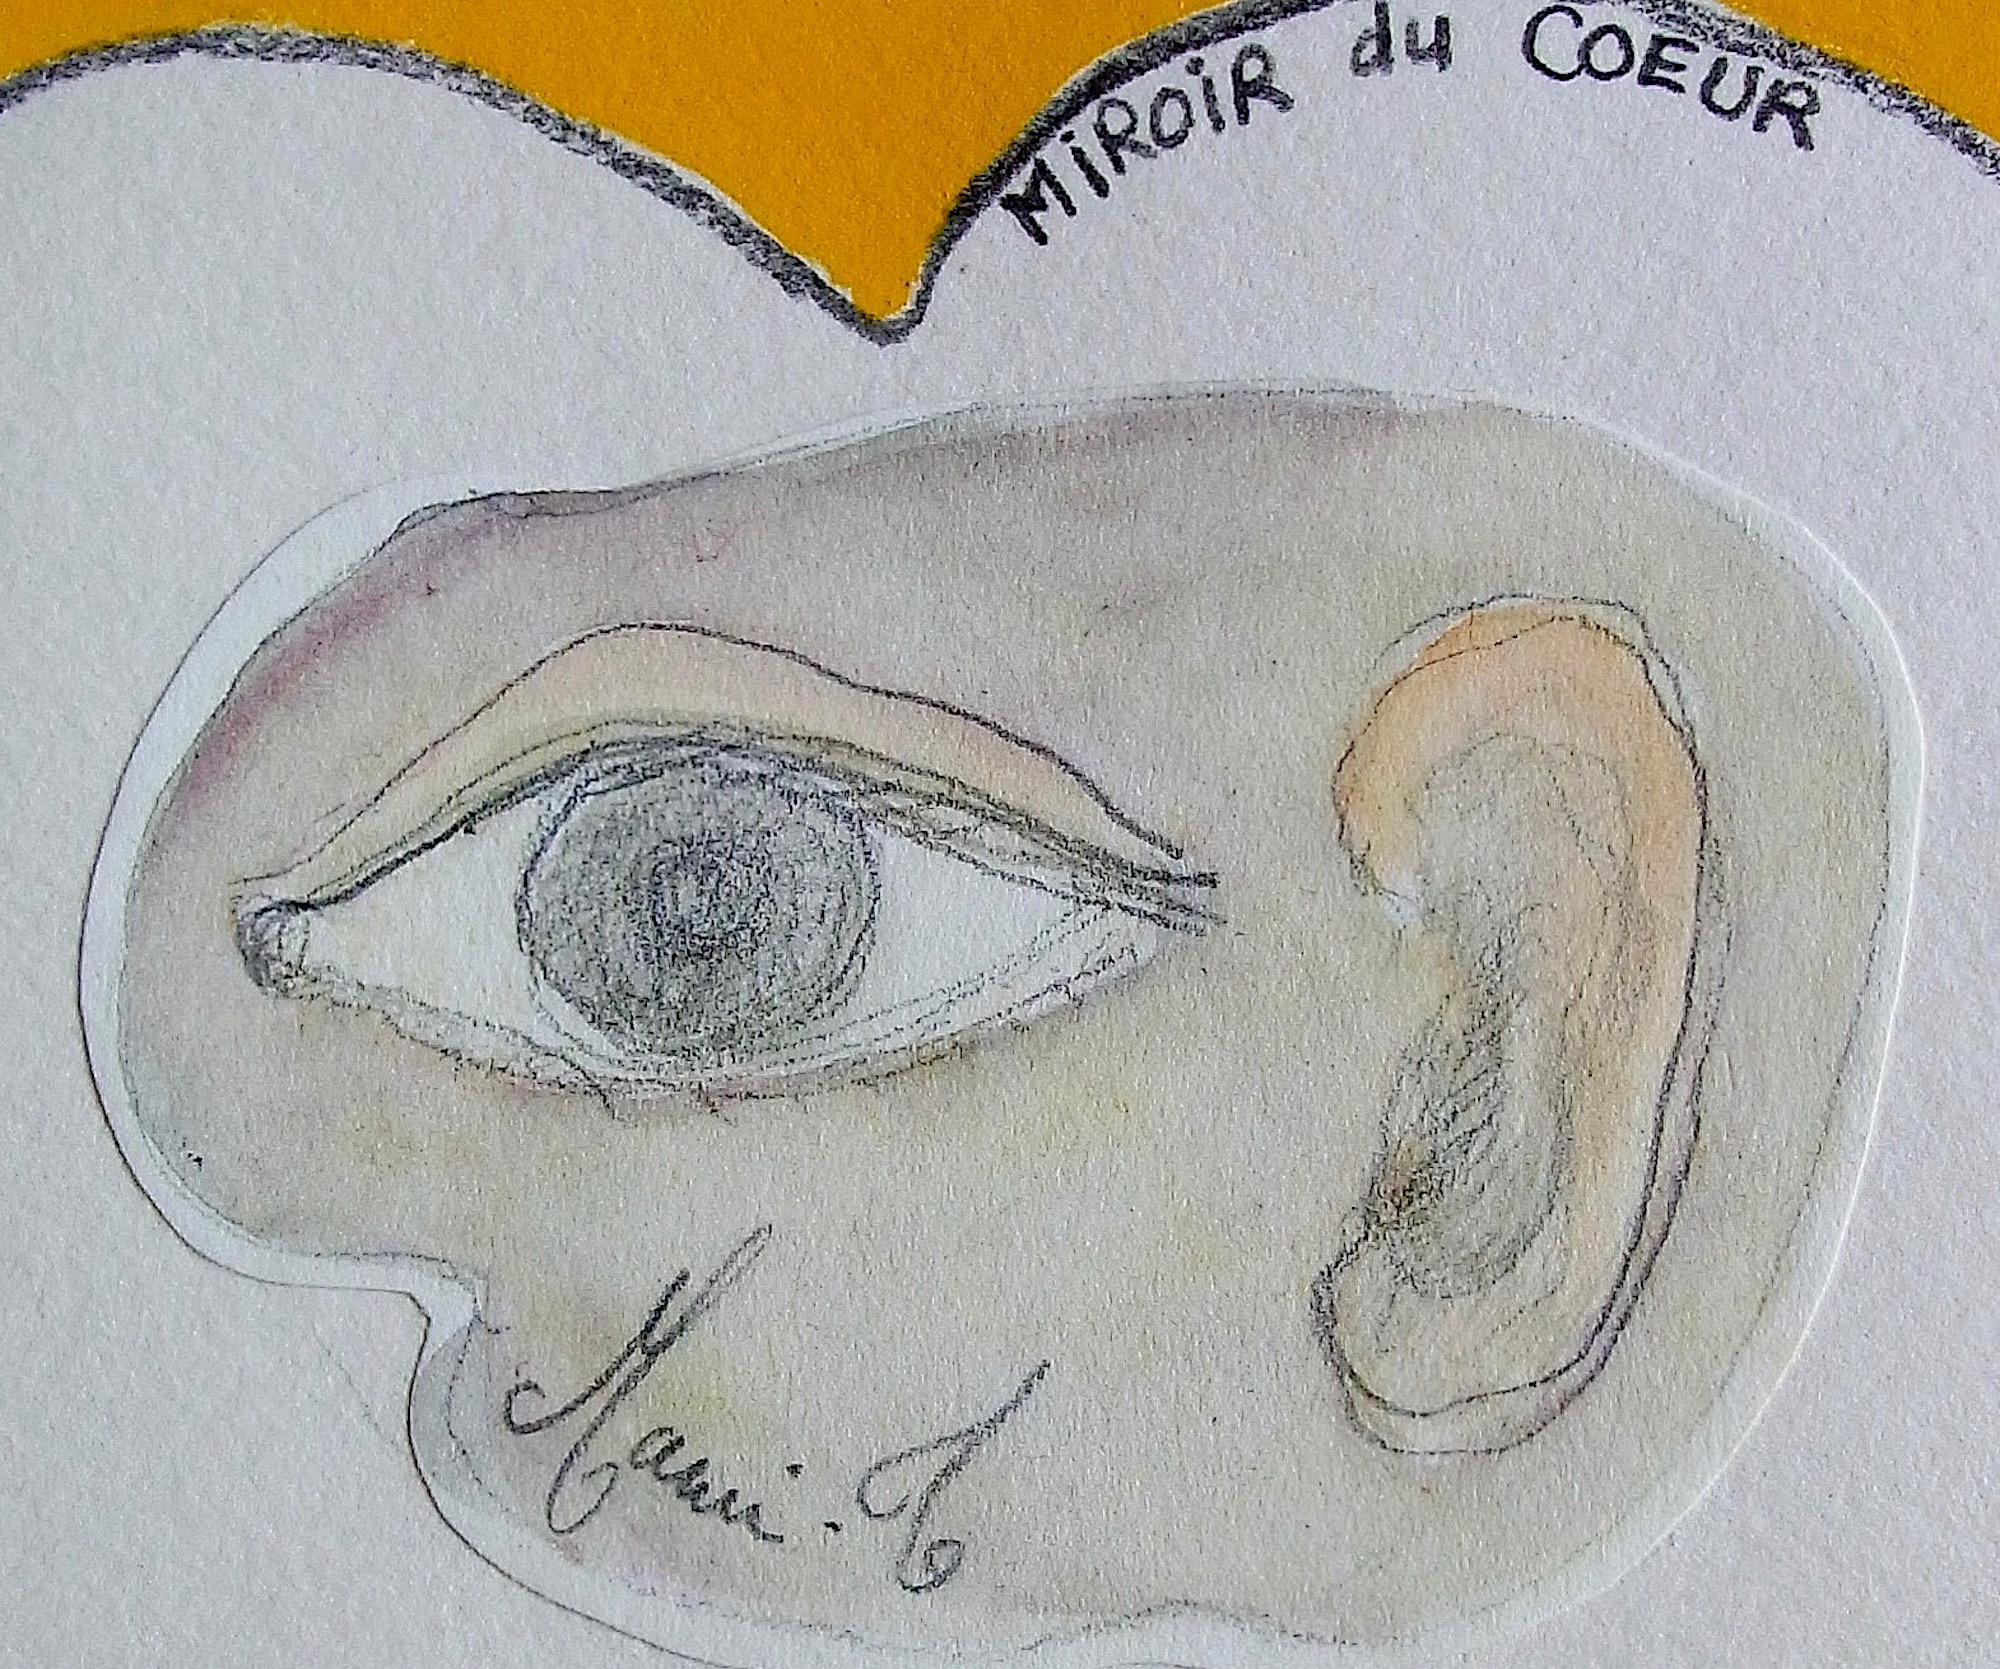 MAMI/ Images et Poésie, Miroir du Coeur